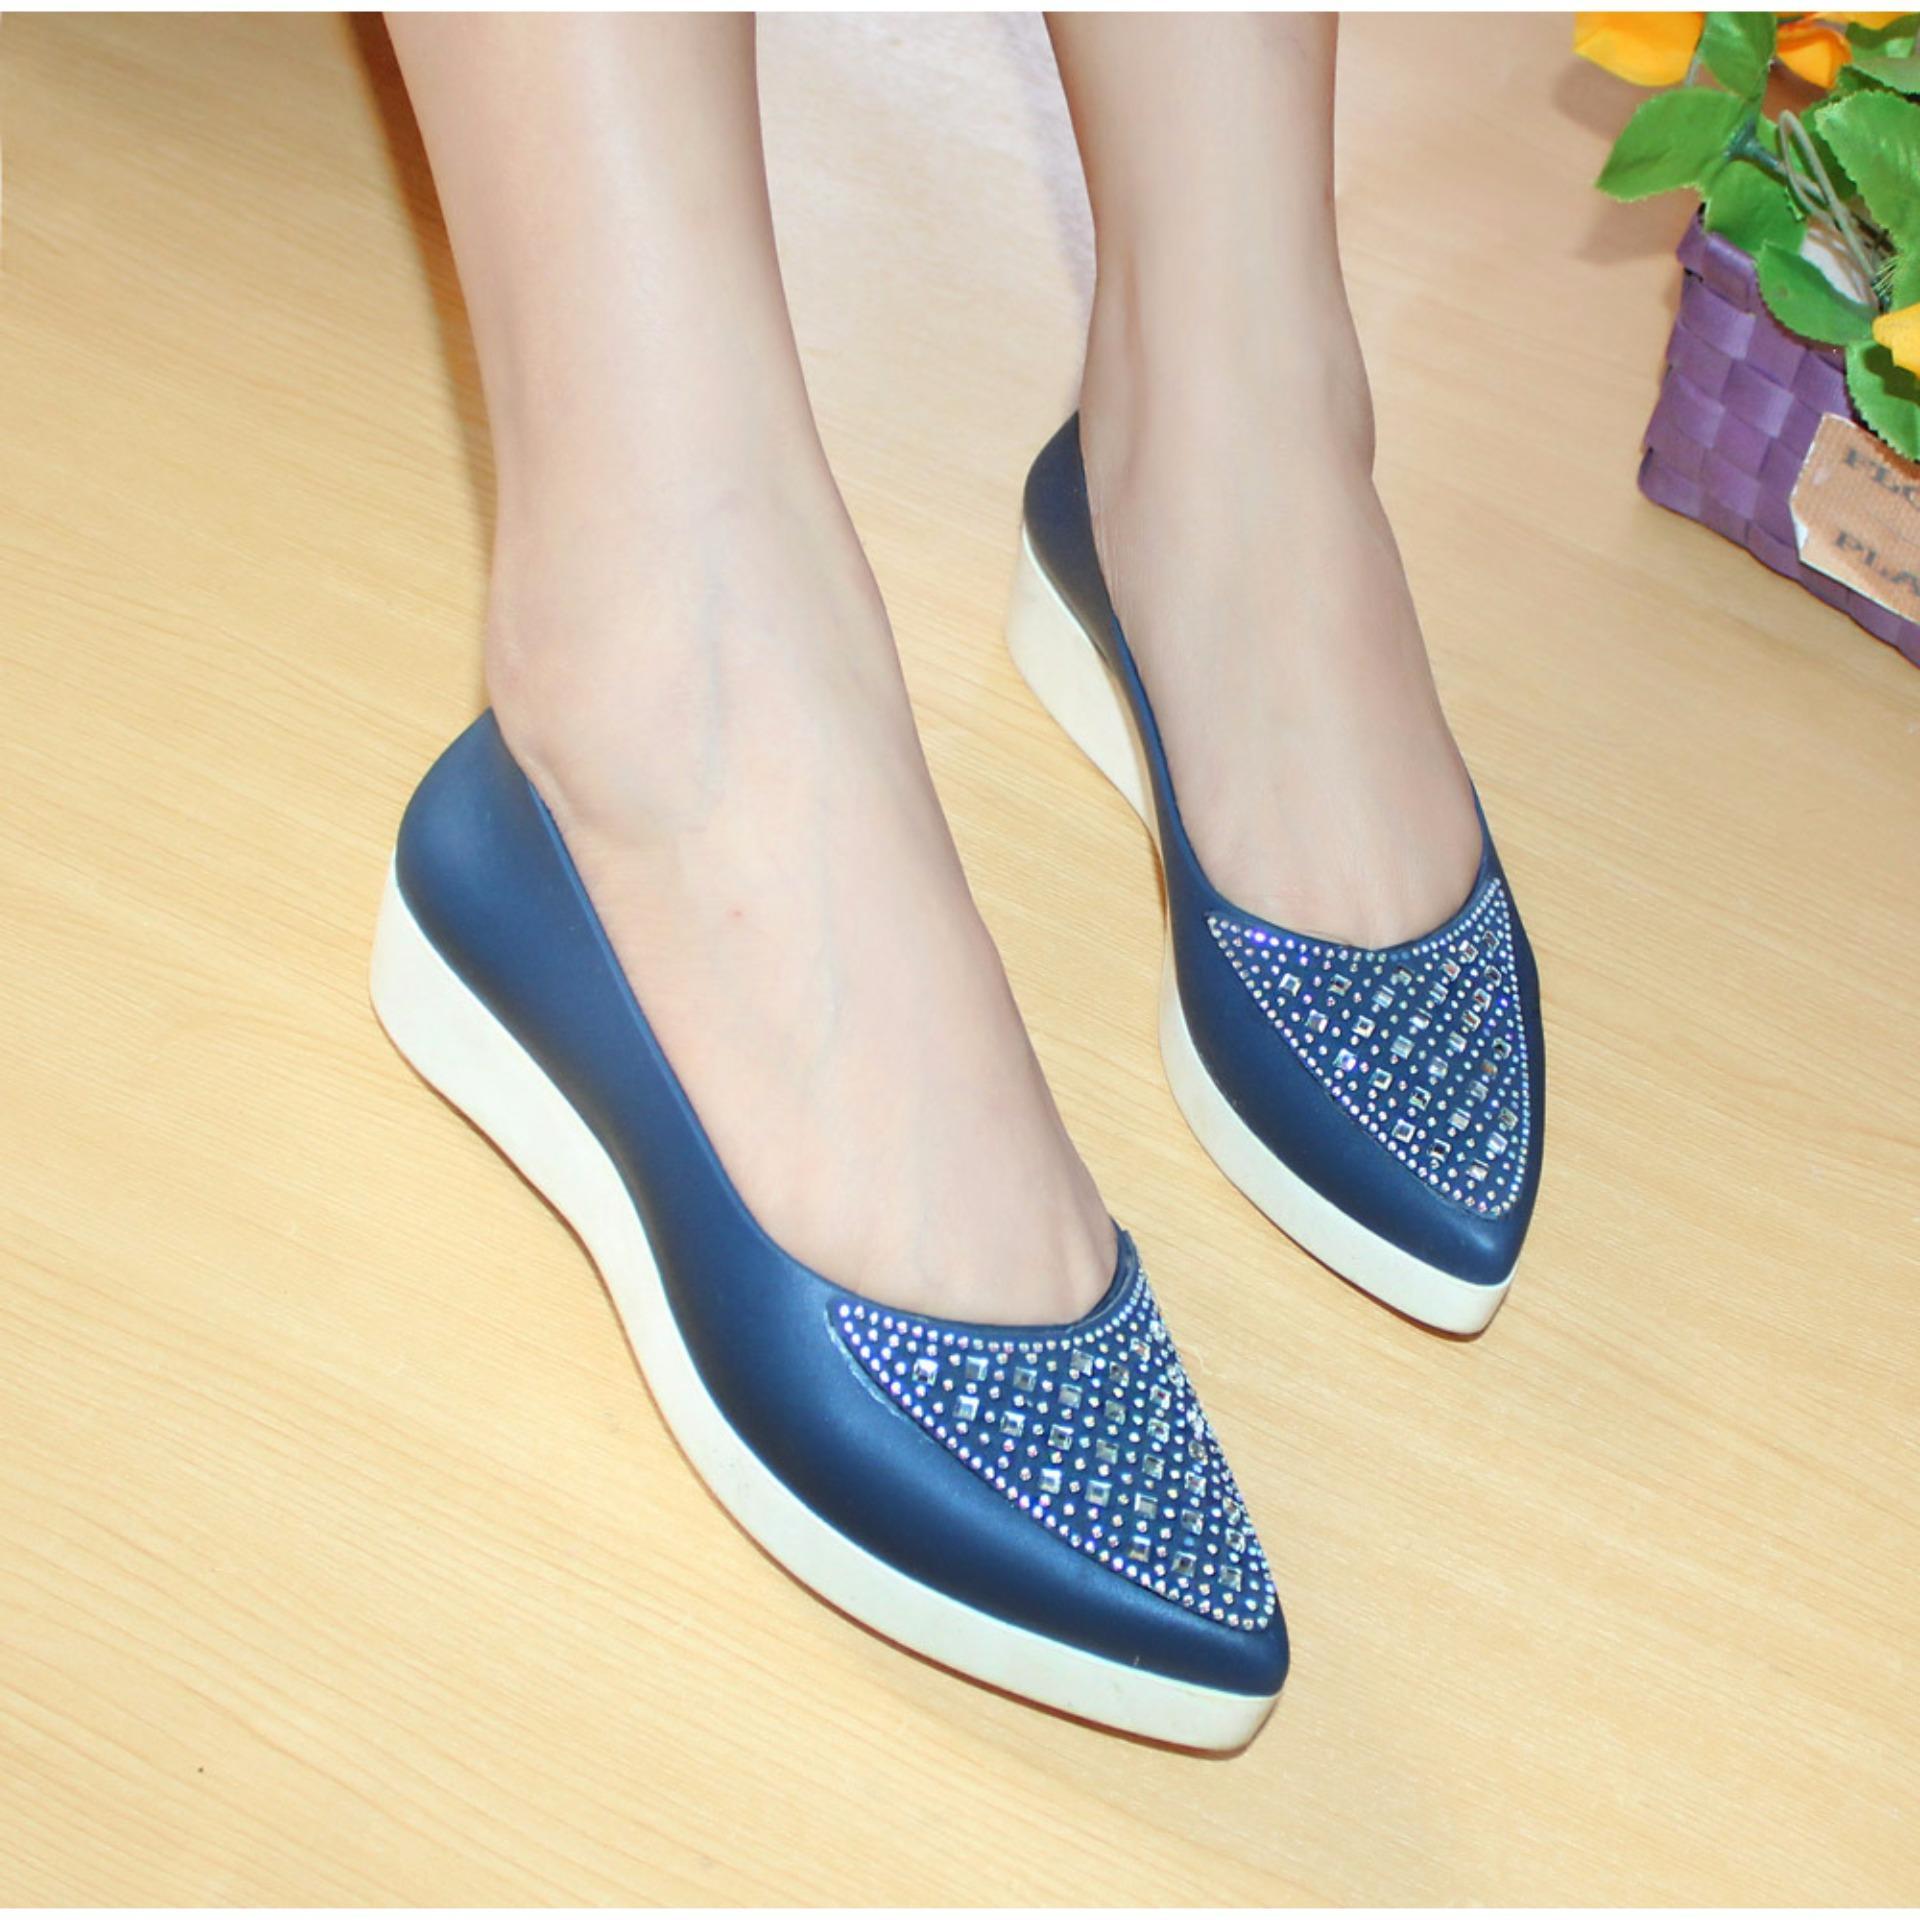 Diskon Bara Bara Jellyshoes Jelly Shoes Import A01 Biru Bara Bara